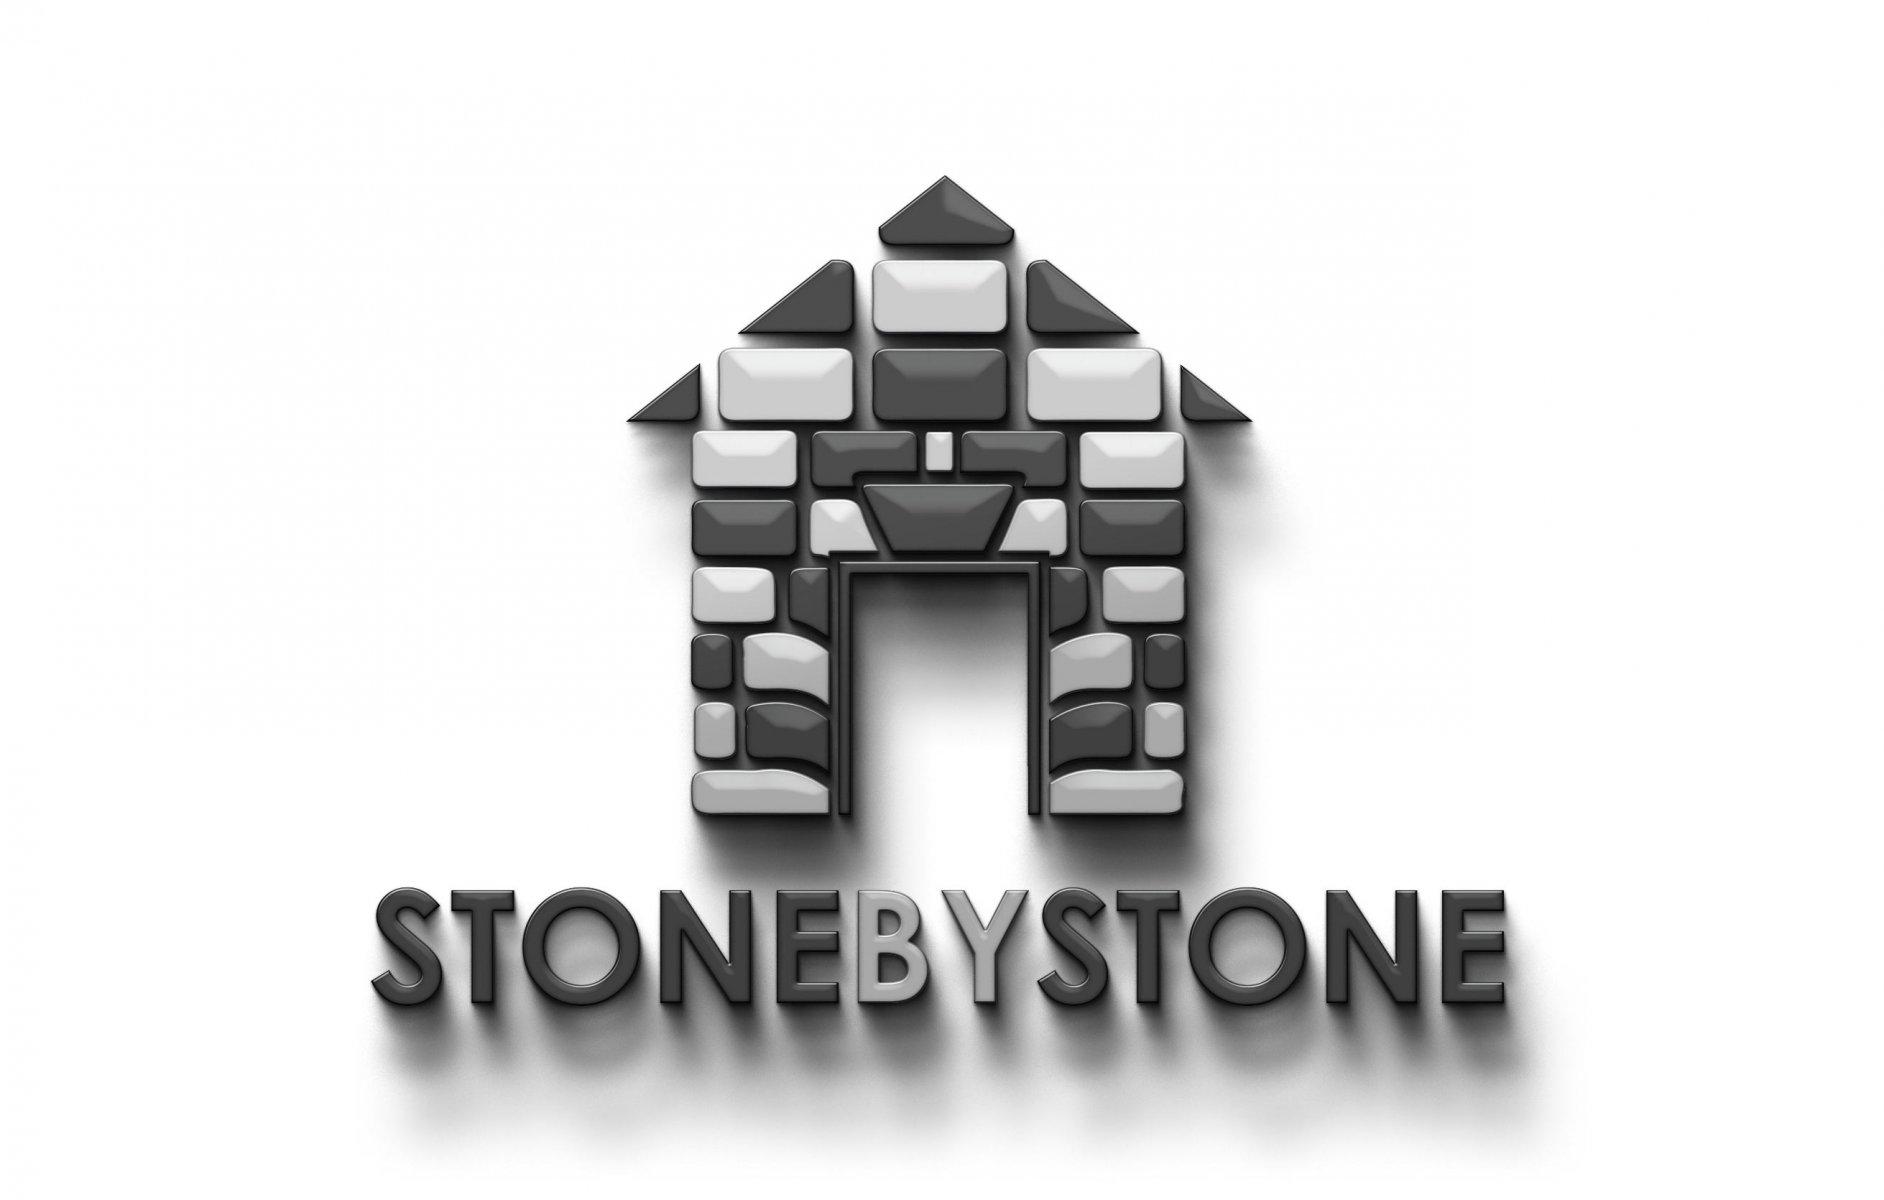 Stone by Stone logo